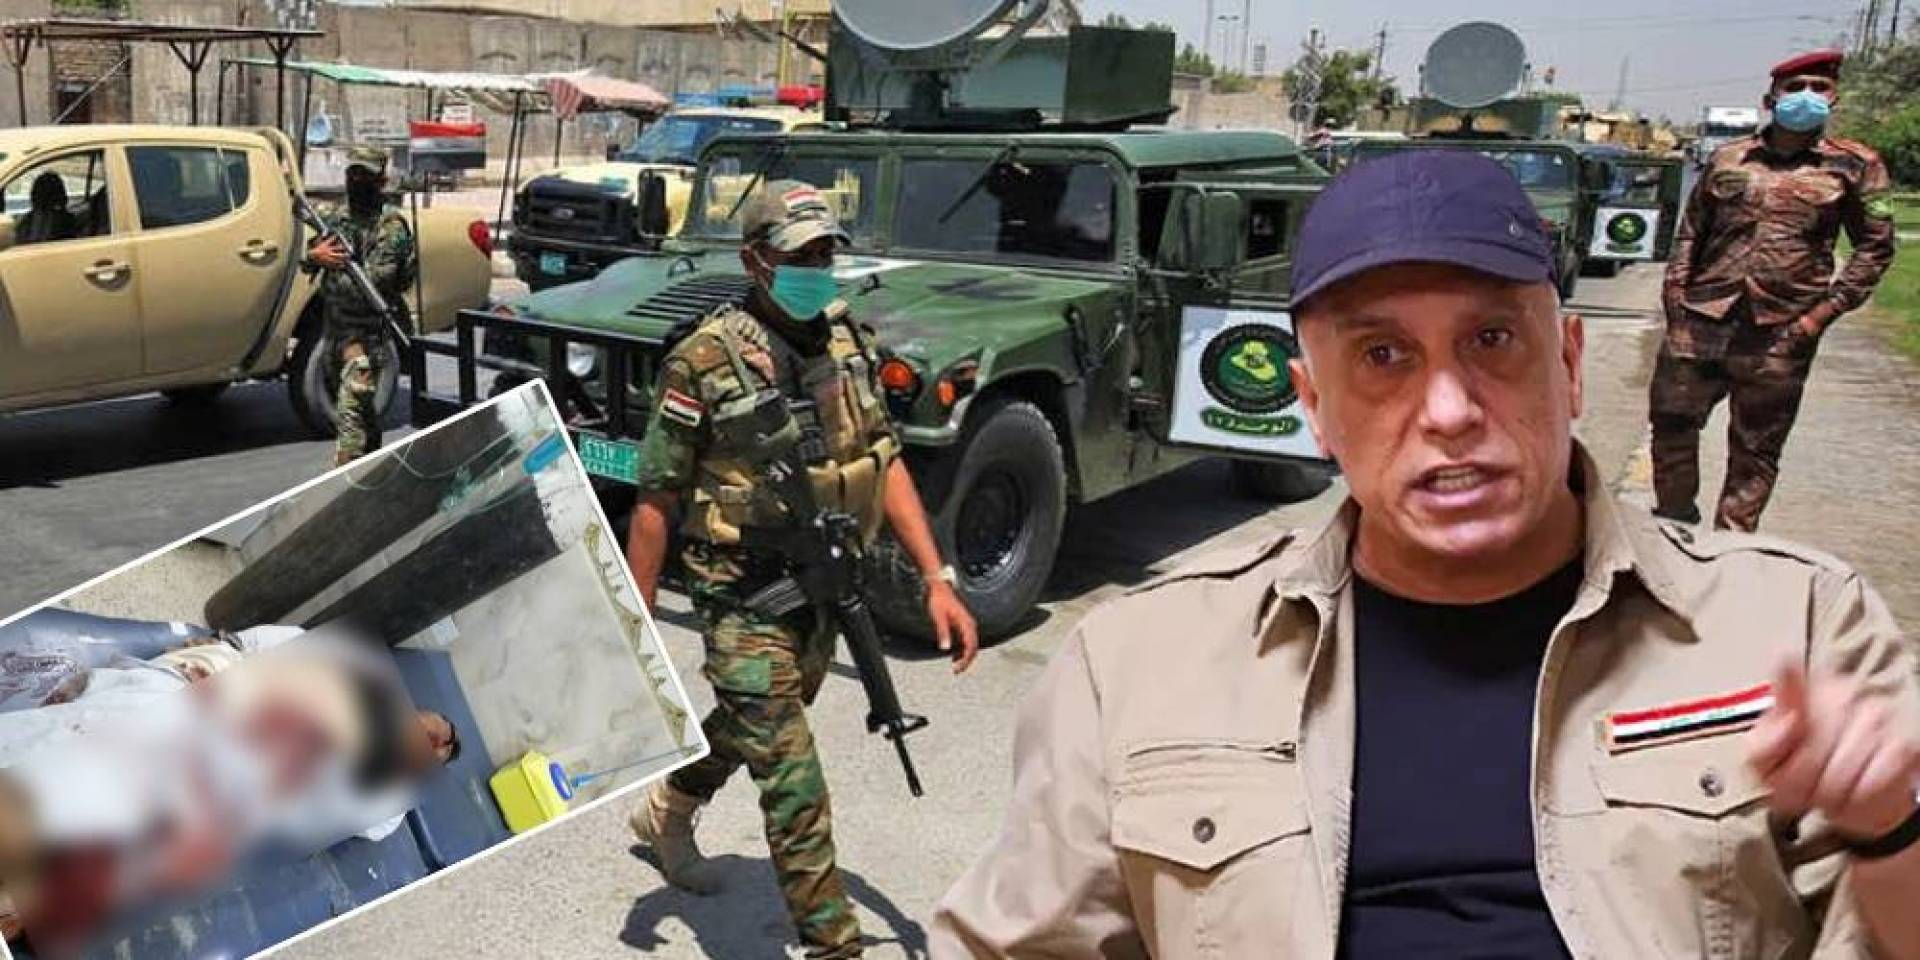 مجزرة صلاح الدين.. إعدامات جماعية تشعل نيران الطائفية في العراق